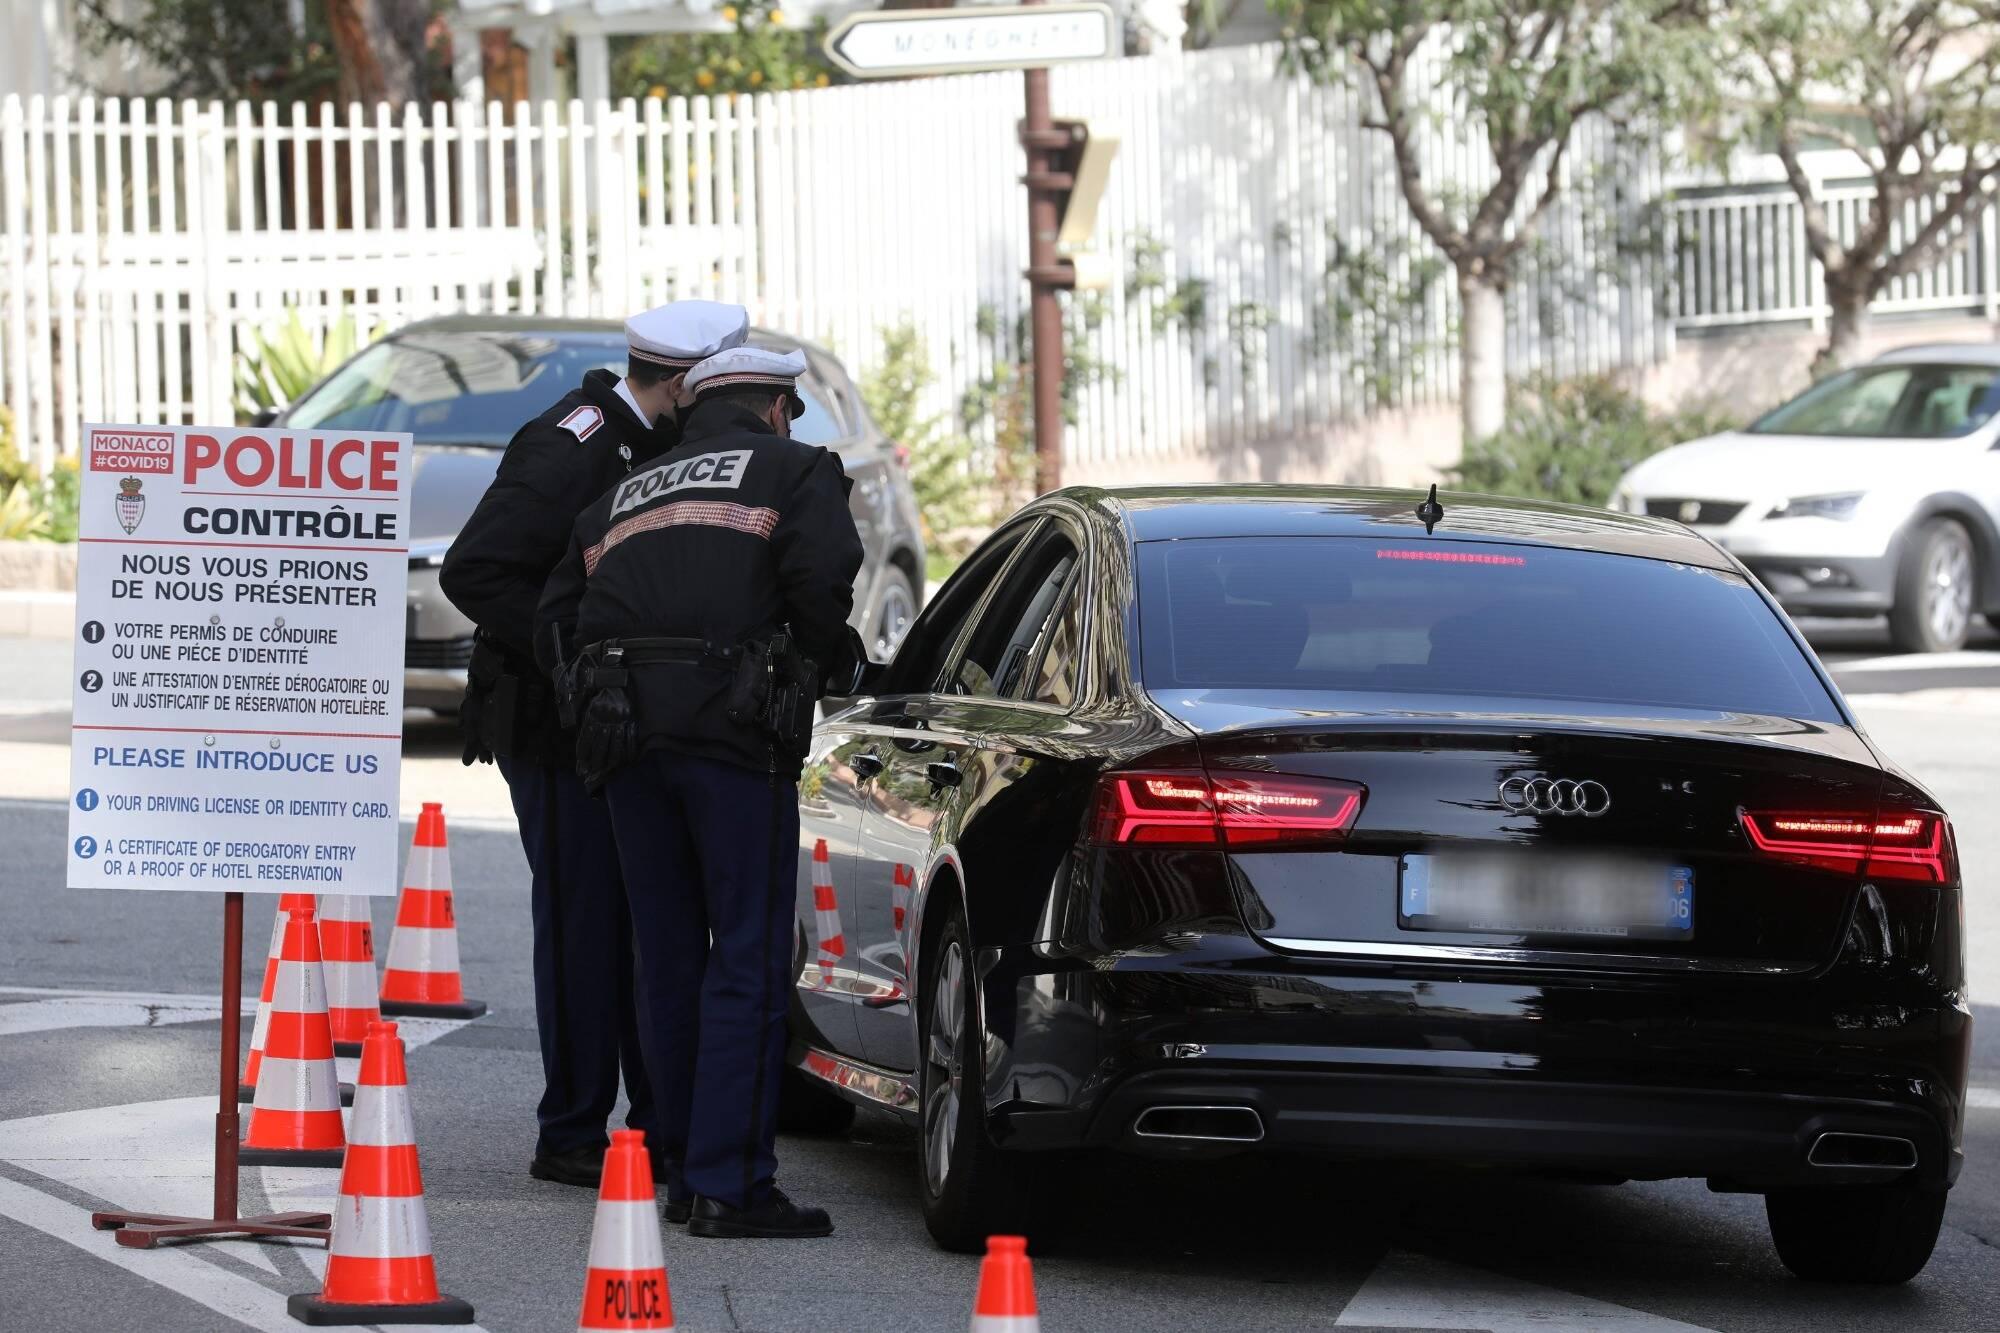 À Monaco, les policiers seront bientôt équipés de smartphones pour contrôler les pass sanitaires